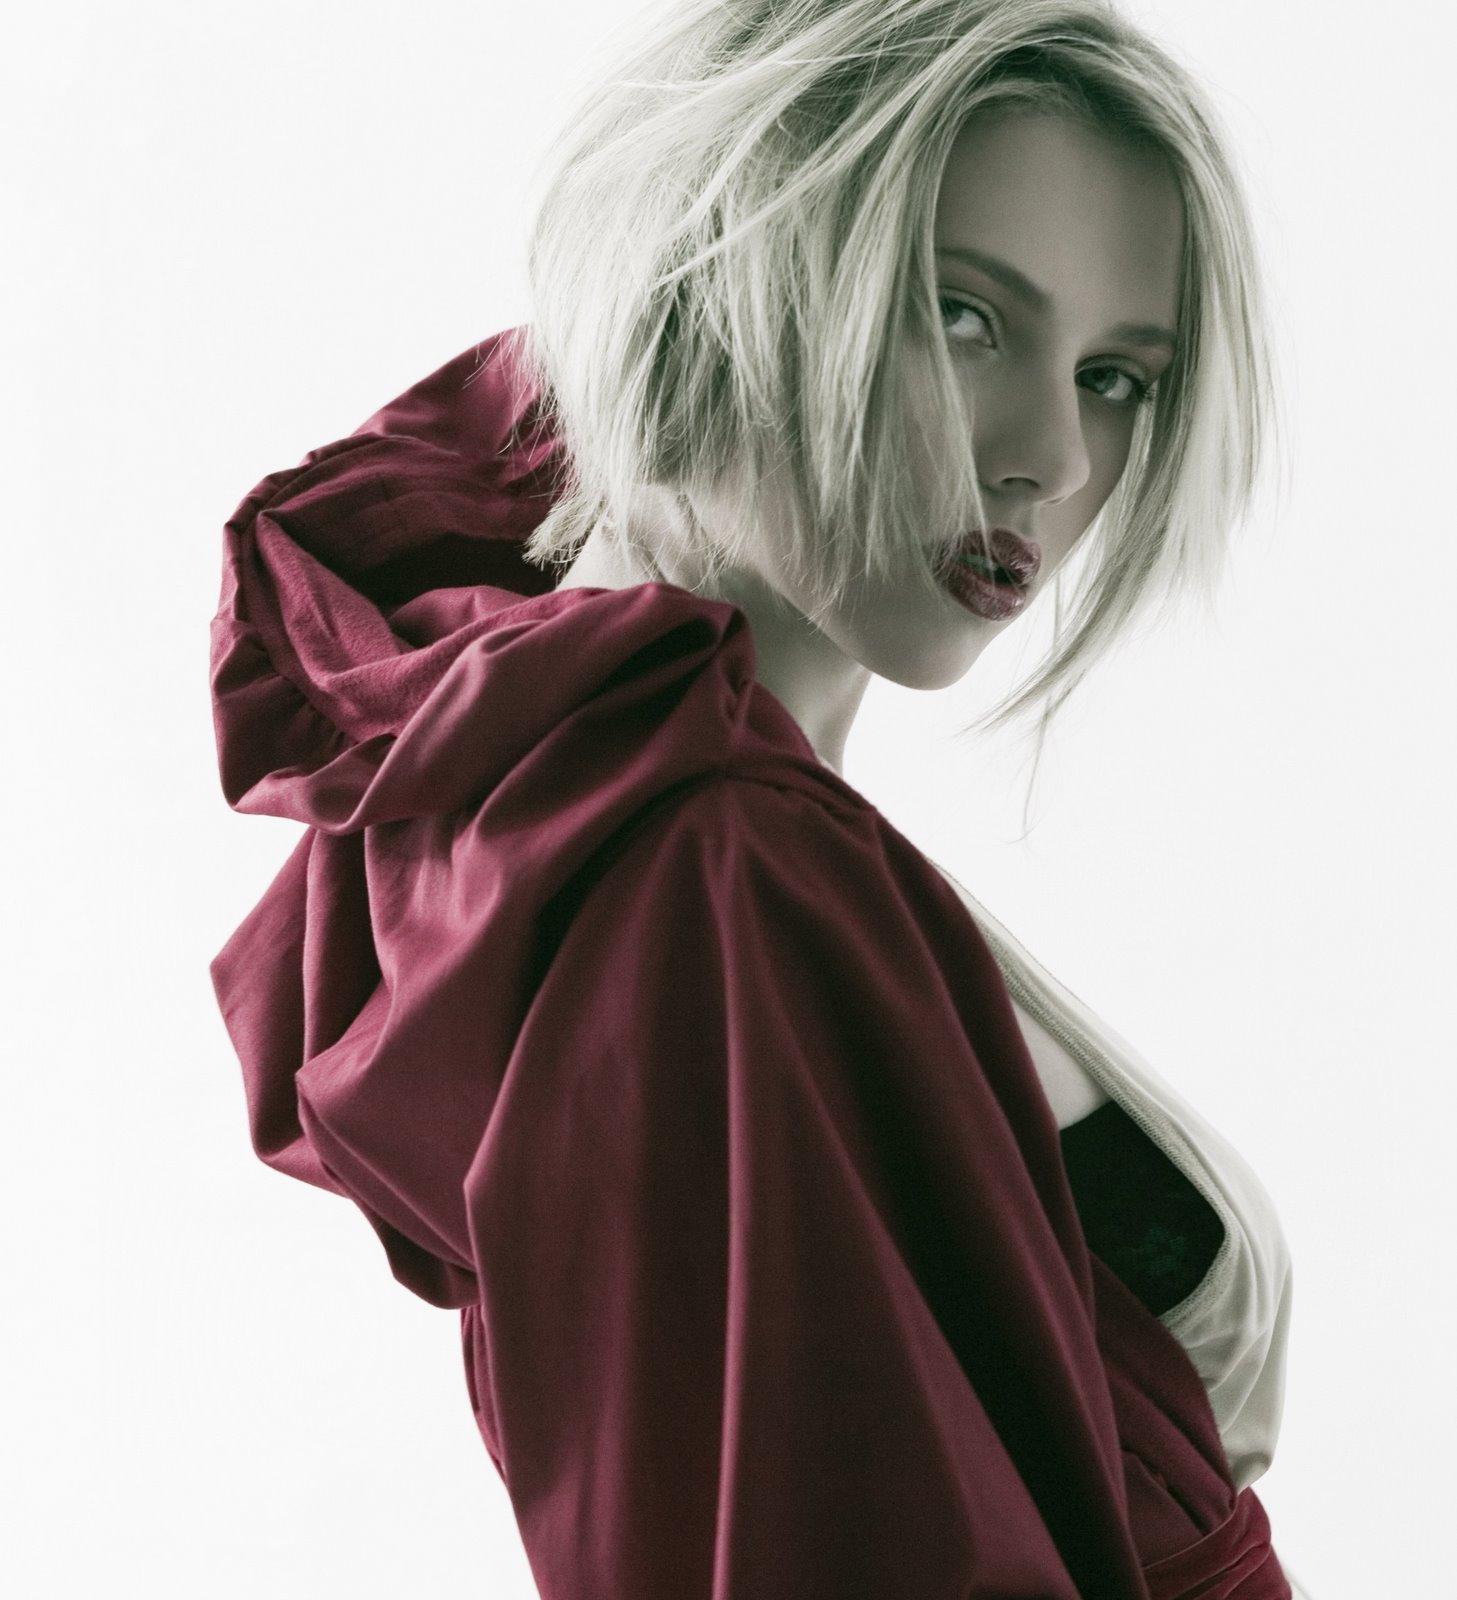 http://3.bp.blogspot.com/_Re4Re4Ky0OY/RastObN0TpI/AAAAAAAAAp0/PqCQDpnfV1s/s1600/20061120-Scarlett.Johansson.by.Sheryl.Nields.HQ.03.jpg